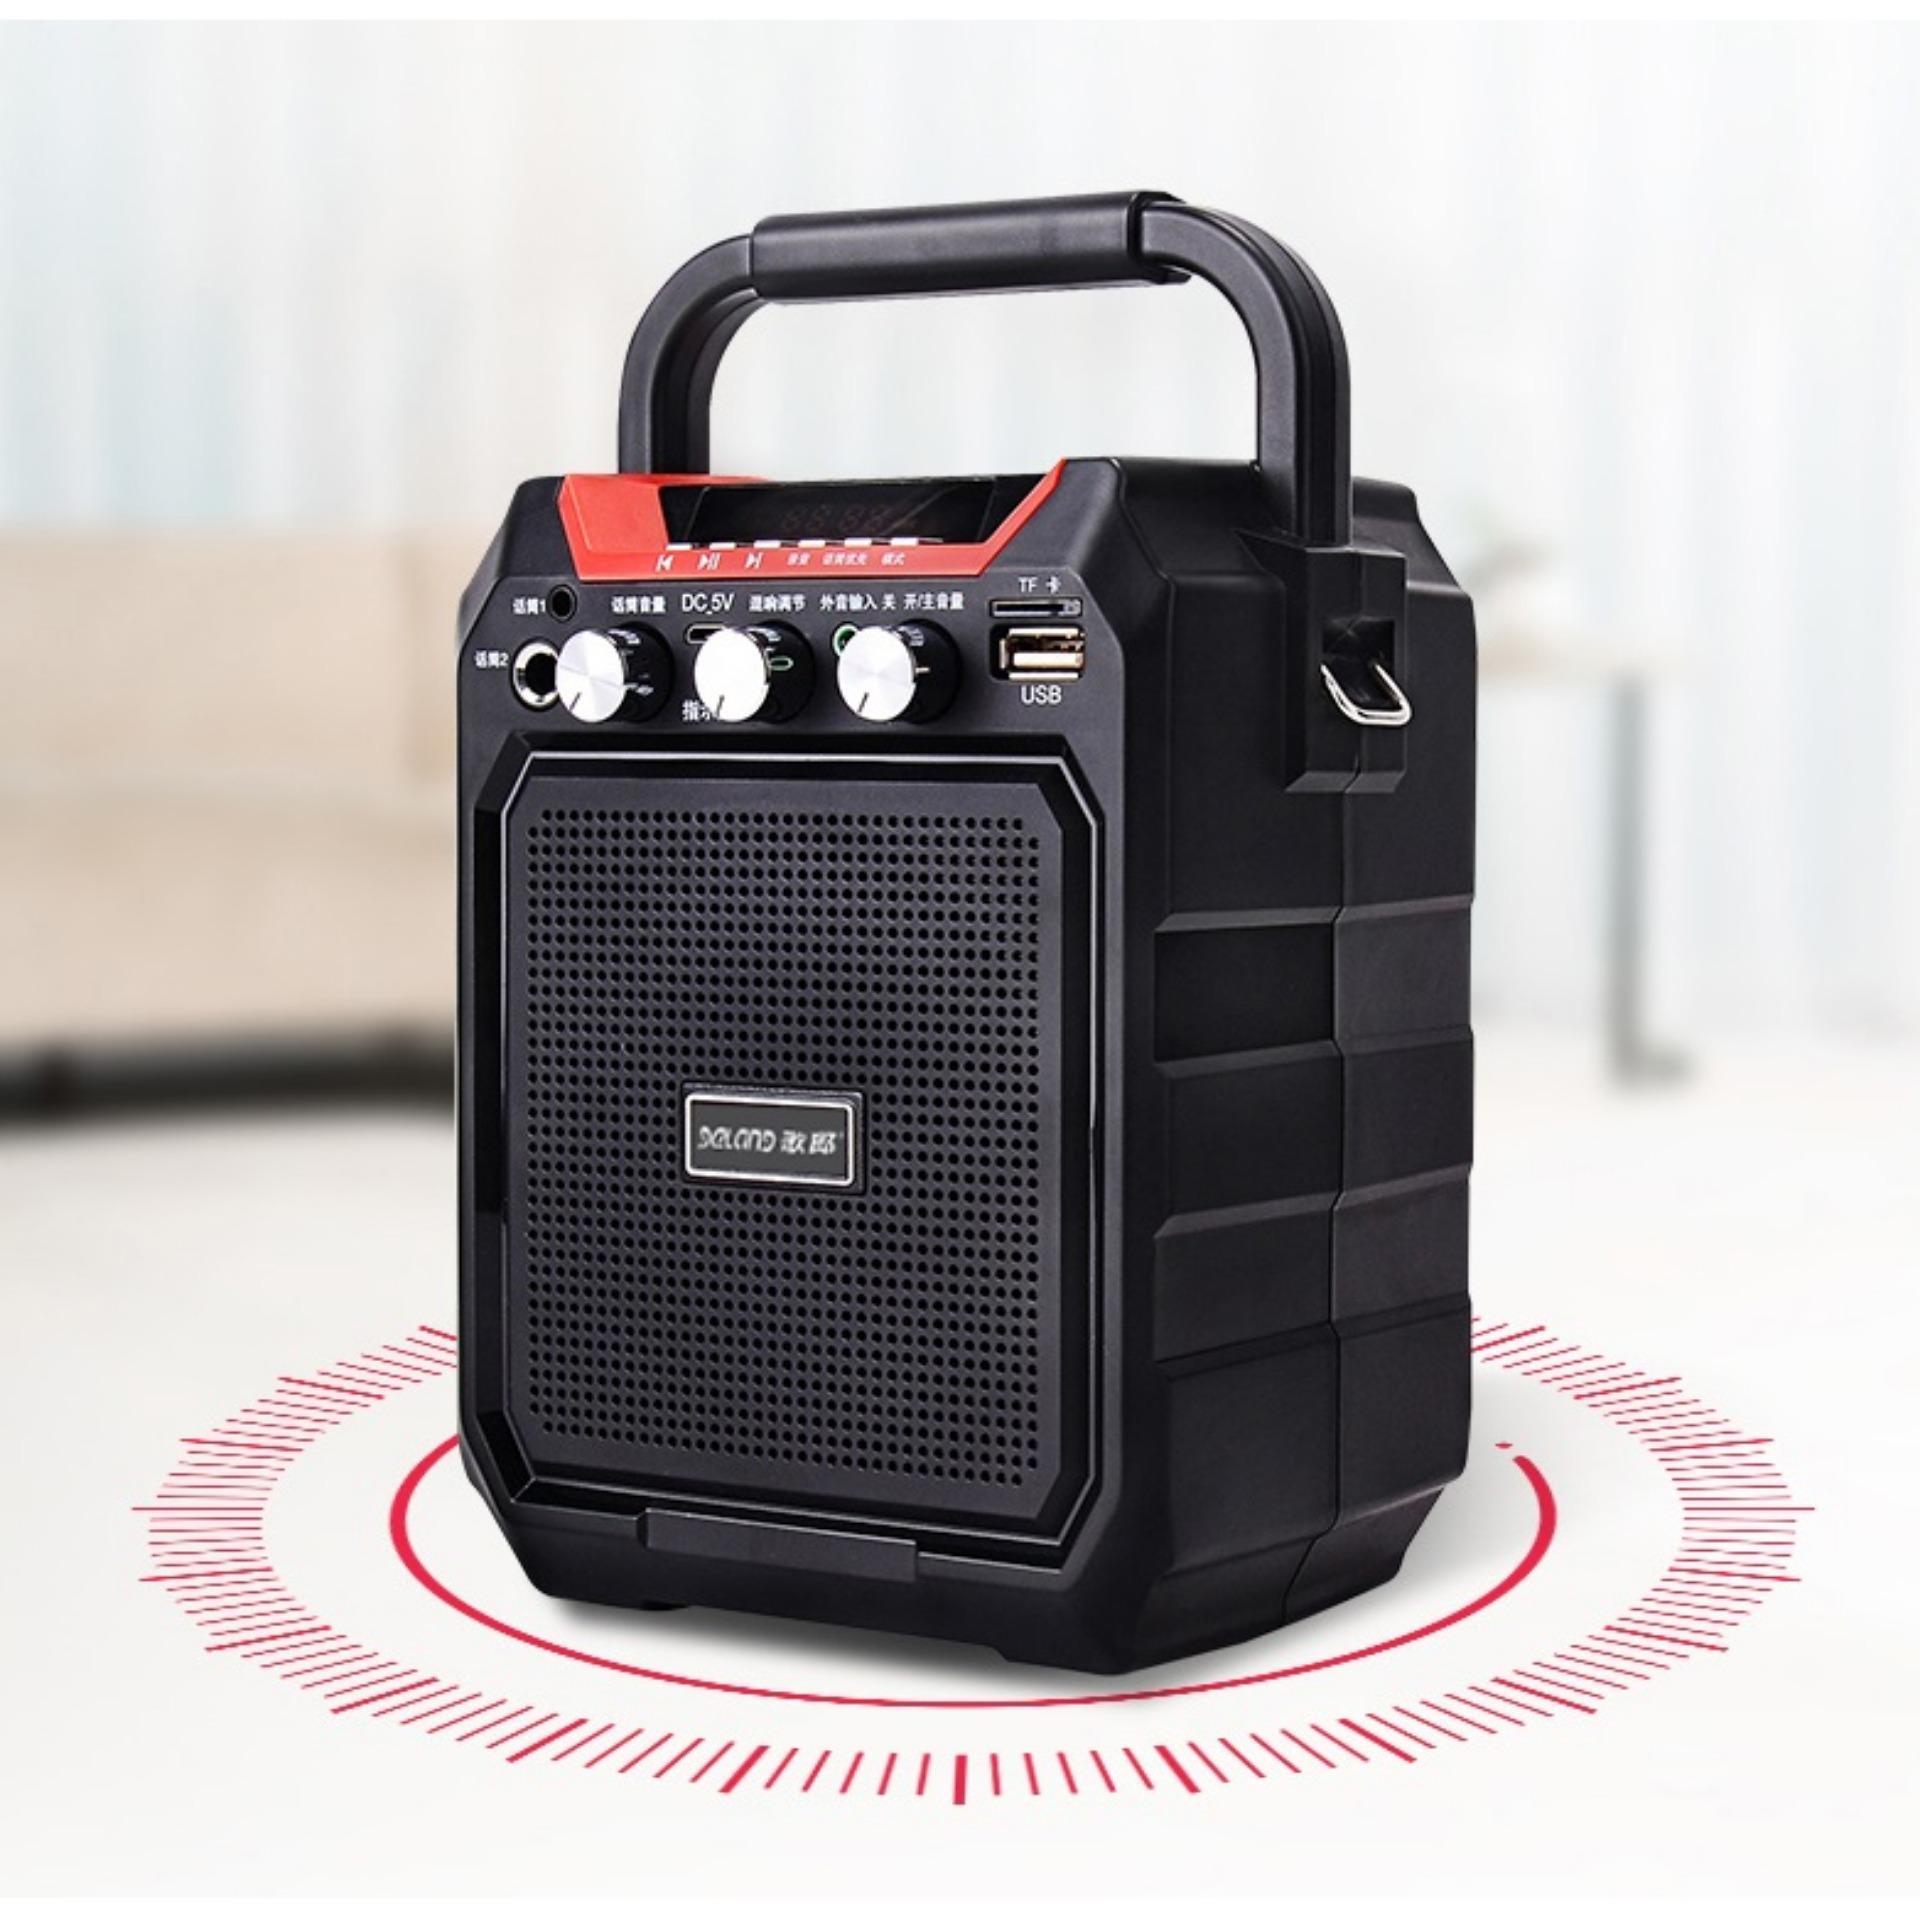 Cửa hàng bán Loa Keo Bluetooth Gia Re, Loa Máy Tính Xách Tay, Loa K99 Hozito Cao Cấp – Top 5 Loa Karaoke Mini Di Động Bán Chạy Nhất Năm 2017 Mẫu 473